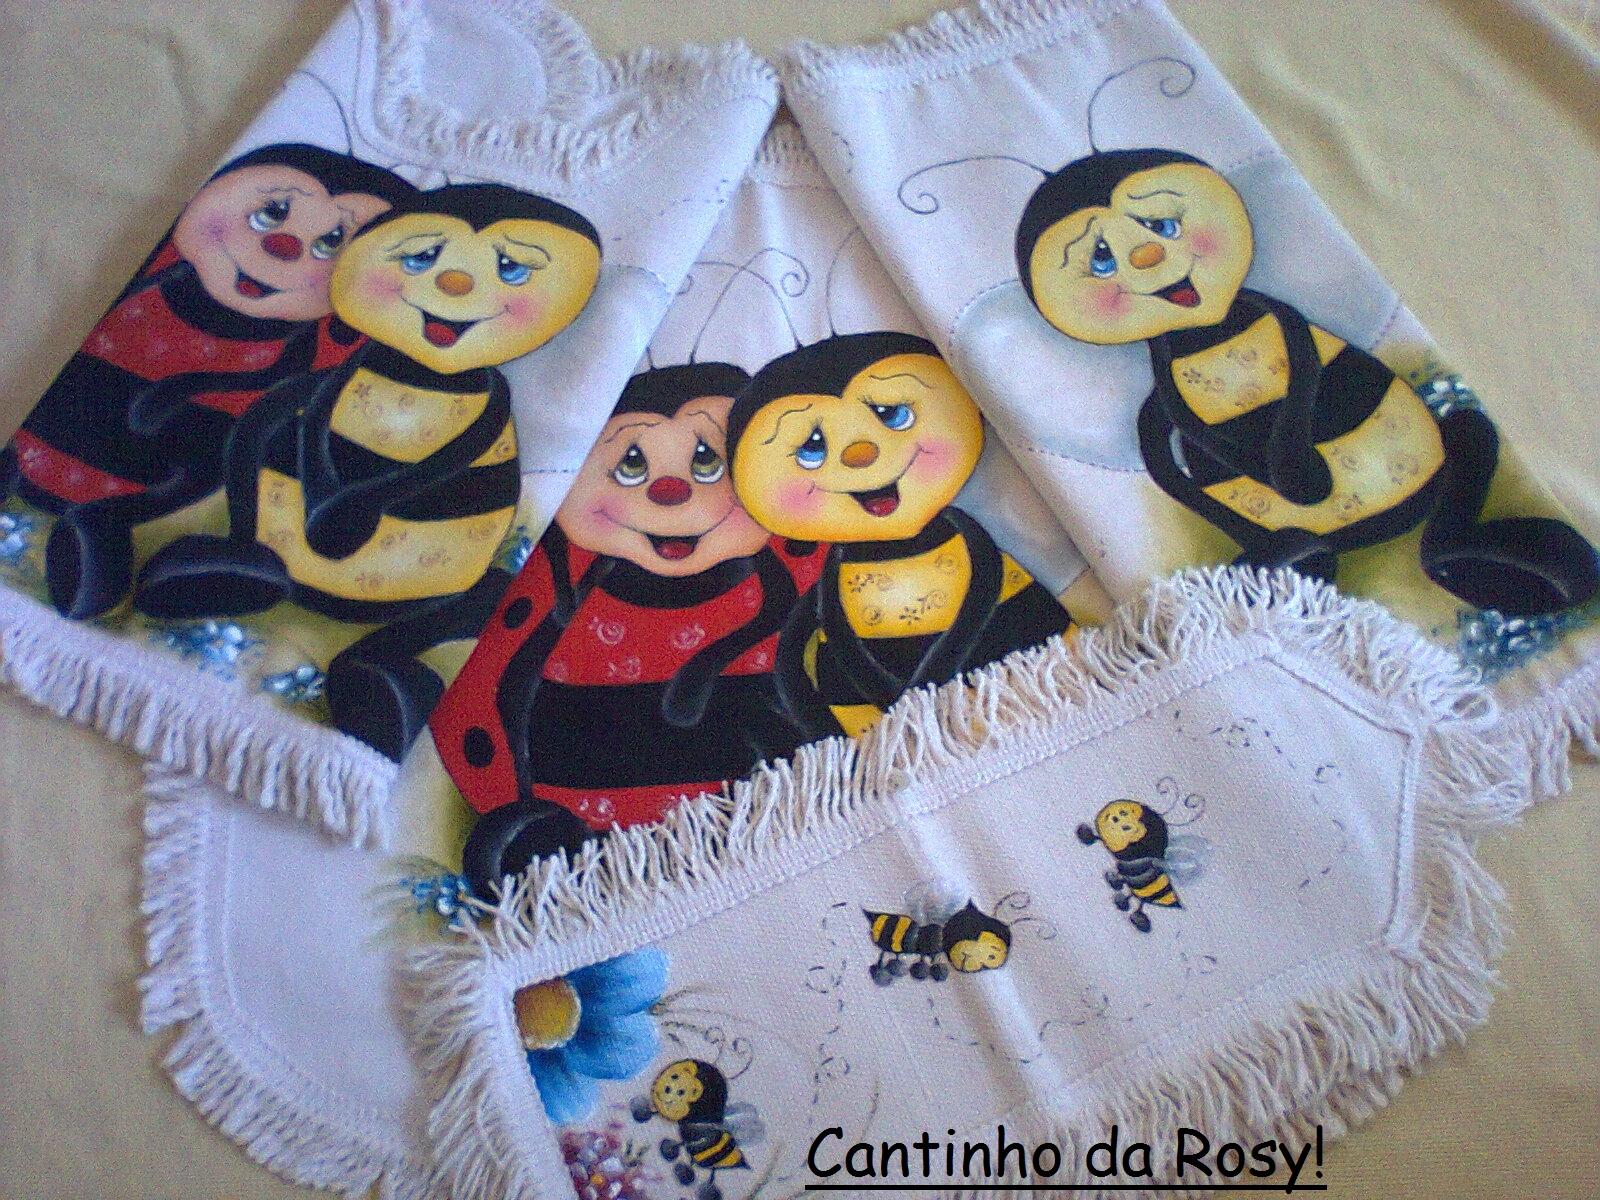 #9A7A31 Cantinho da Rosyane: Conjunto de banheiro! .(pintura em tecido)♥ 1600x1200 px tapete de banheiro em frances